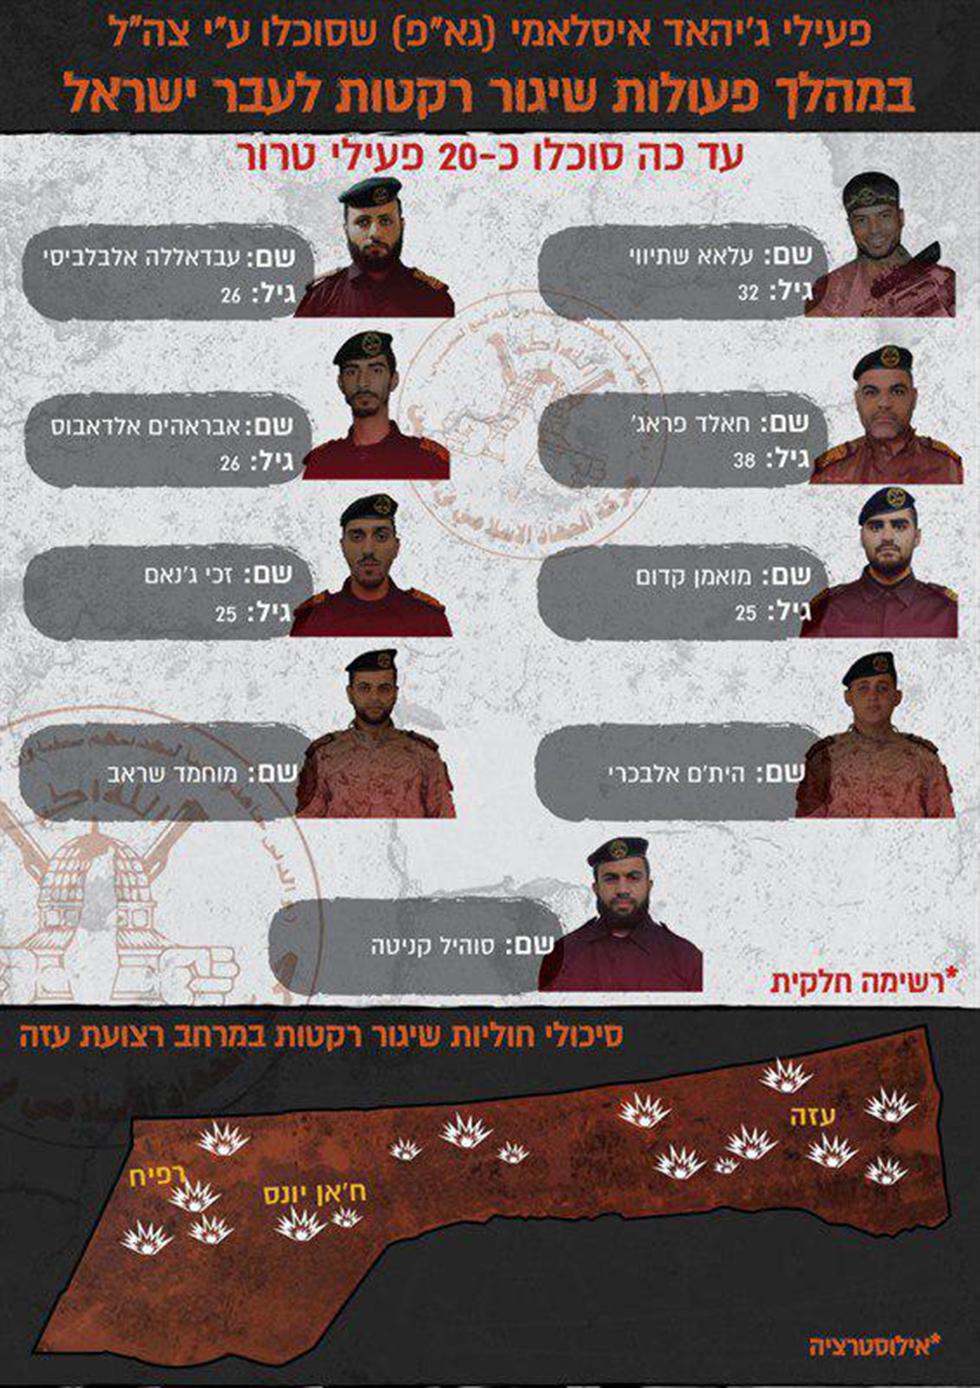 פעילי ג'יהאד איסלאמי פלסטיני שסוכלו  (צילום: דובר צה